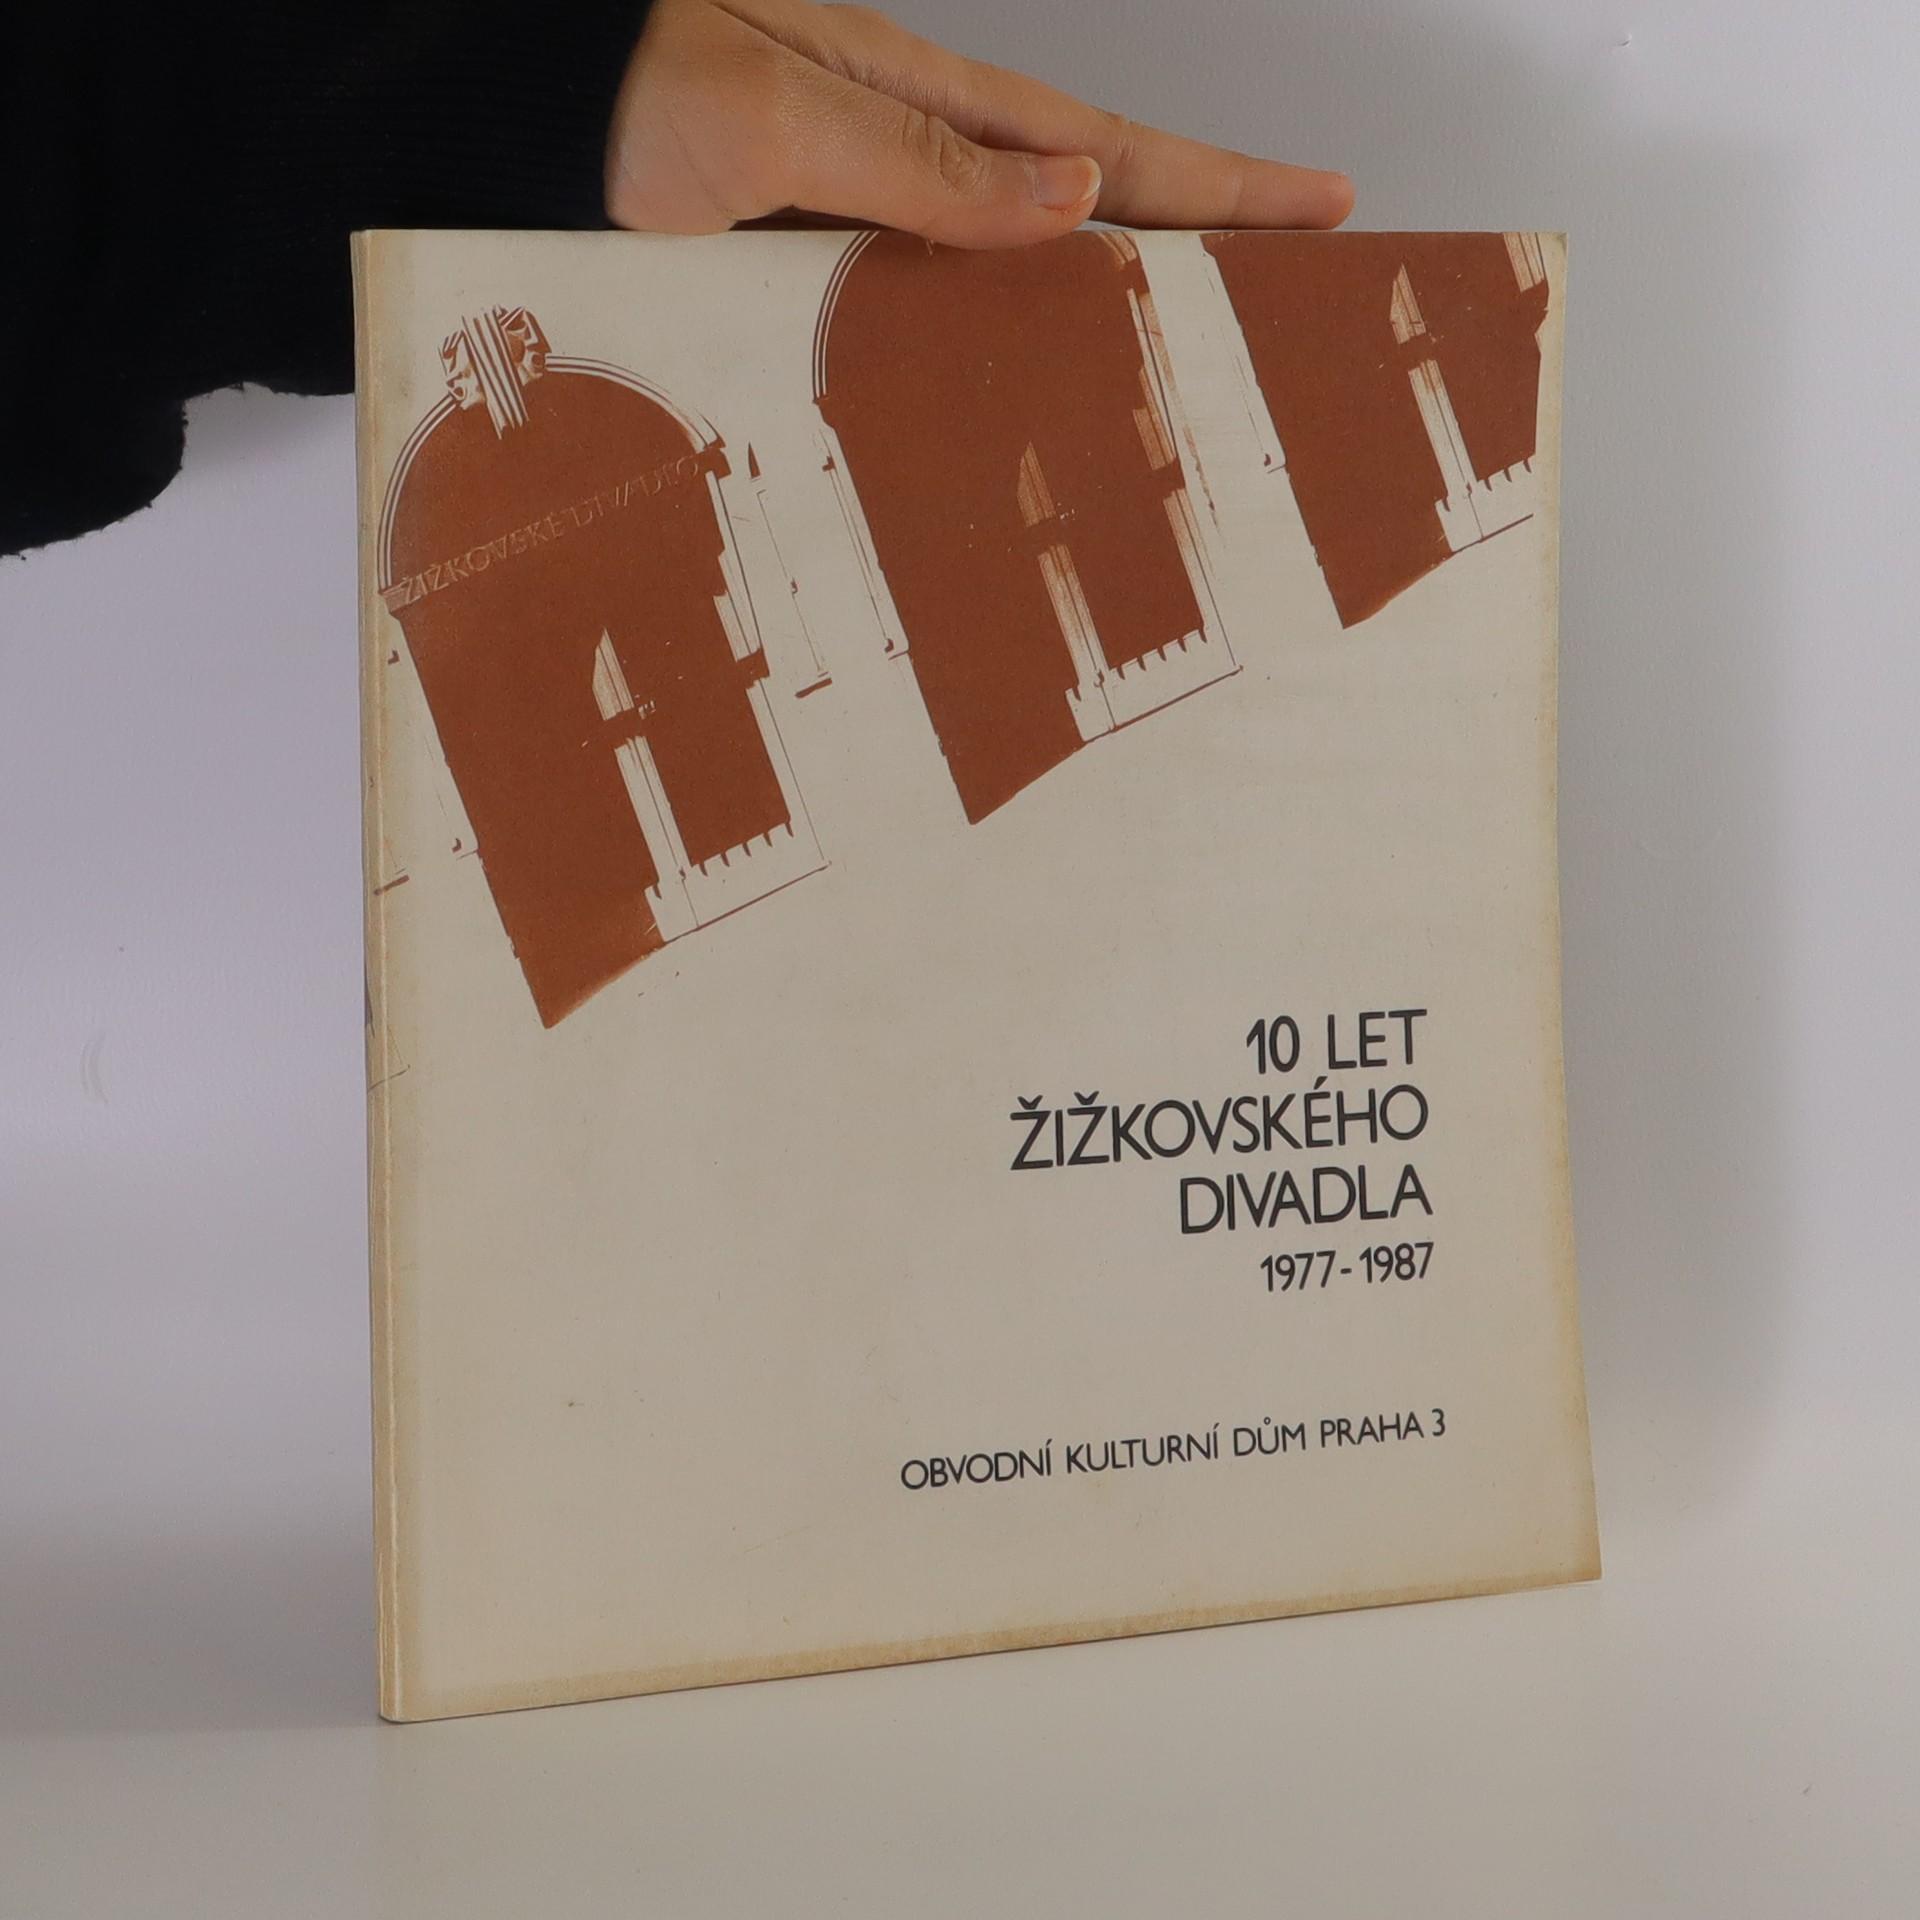 antikvární kniha 10 let Žižkovského divadla 1977-1987, neuveden